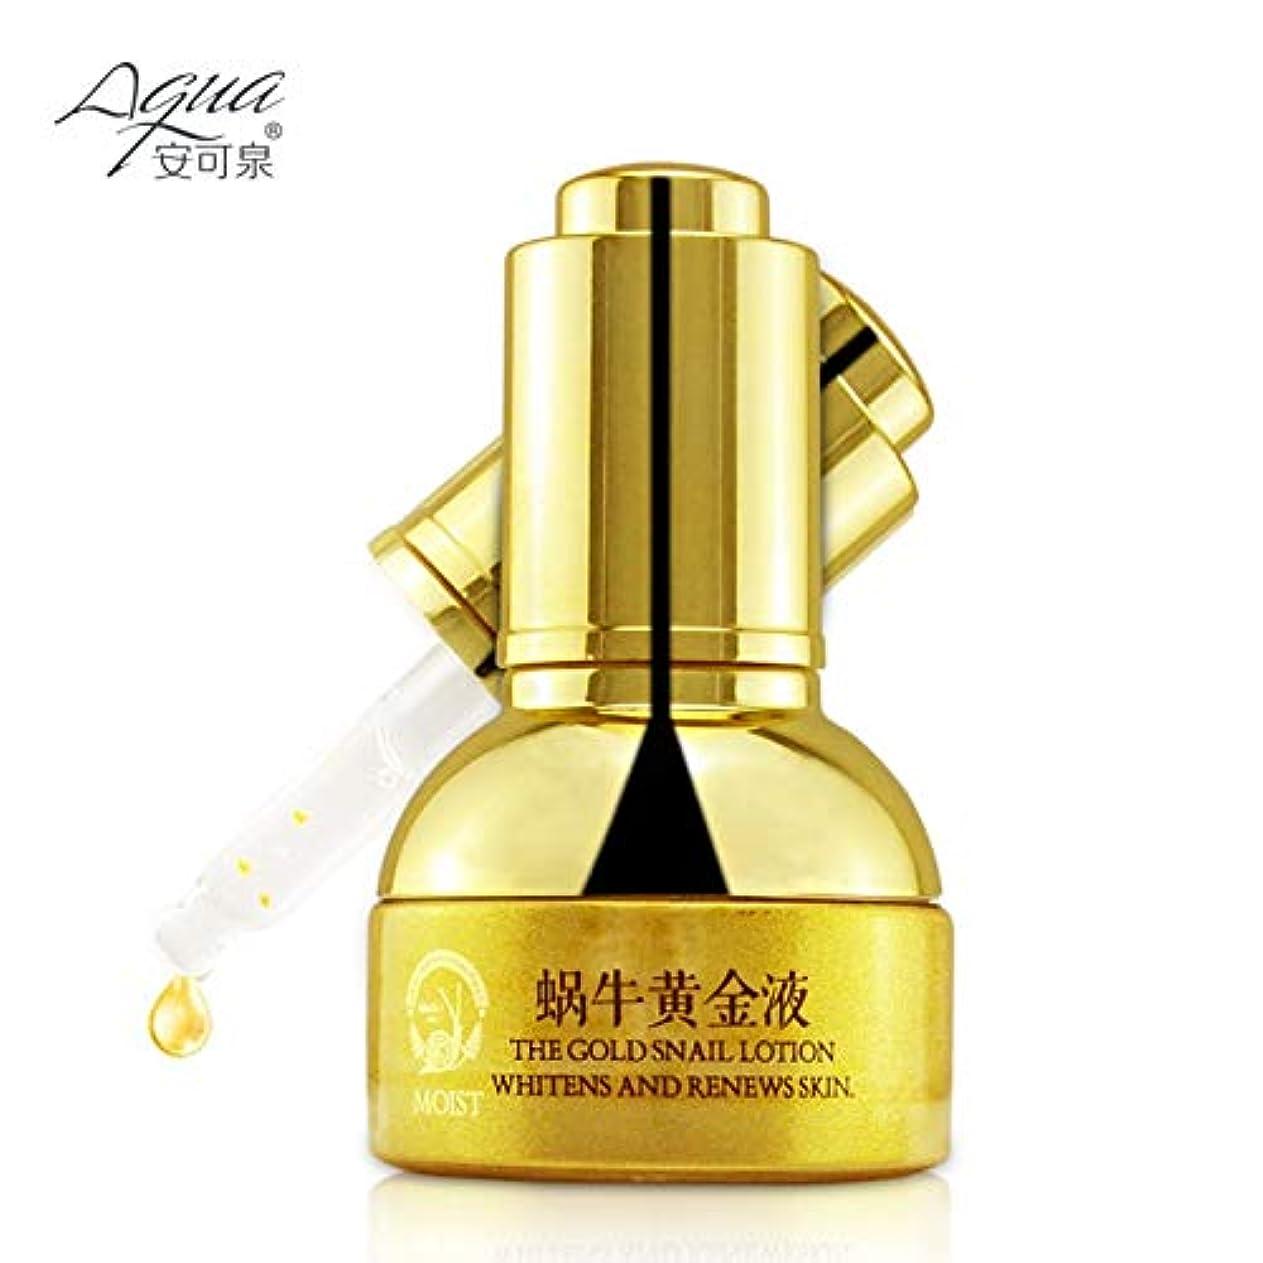 早く魔術師早くケアカタツムリエッセンスデイクリームアンチリンクルフェイスコラーゲン寧保湿性液体の美し熱い販売:中国